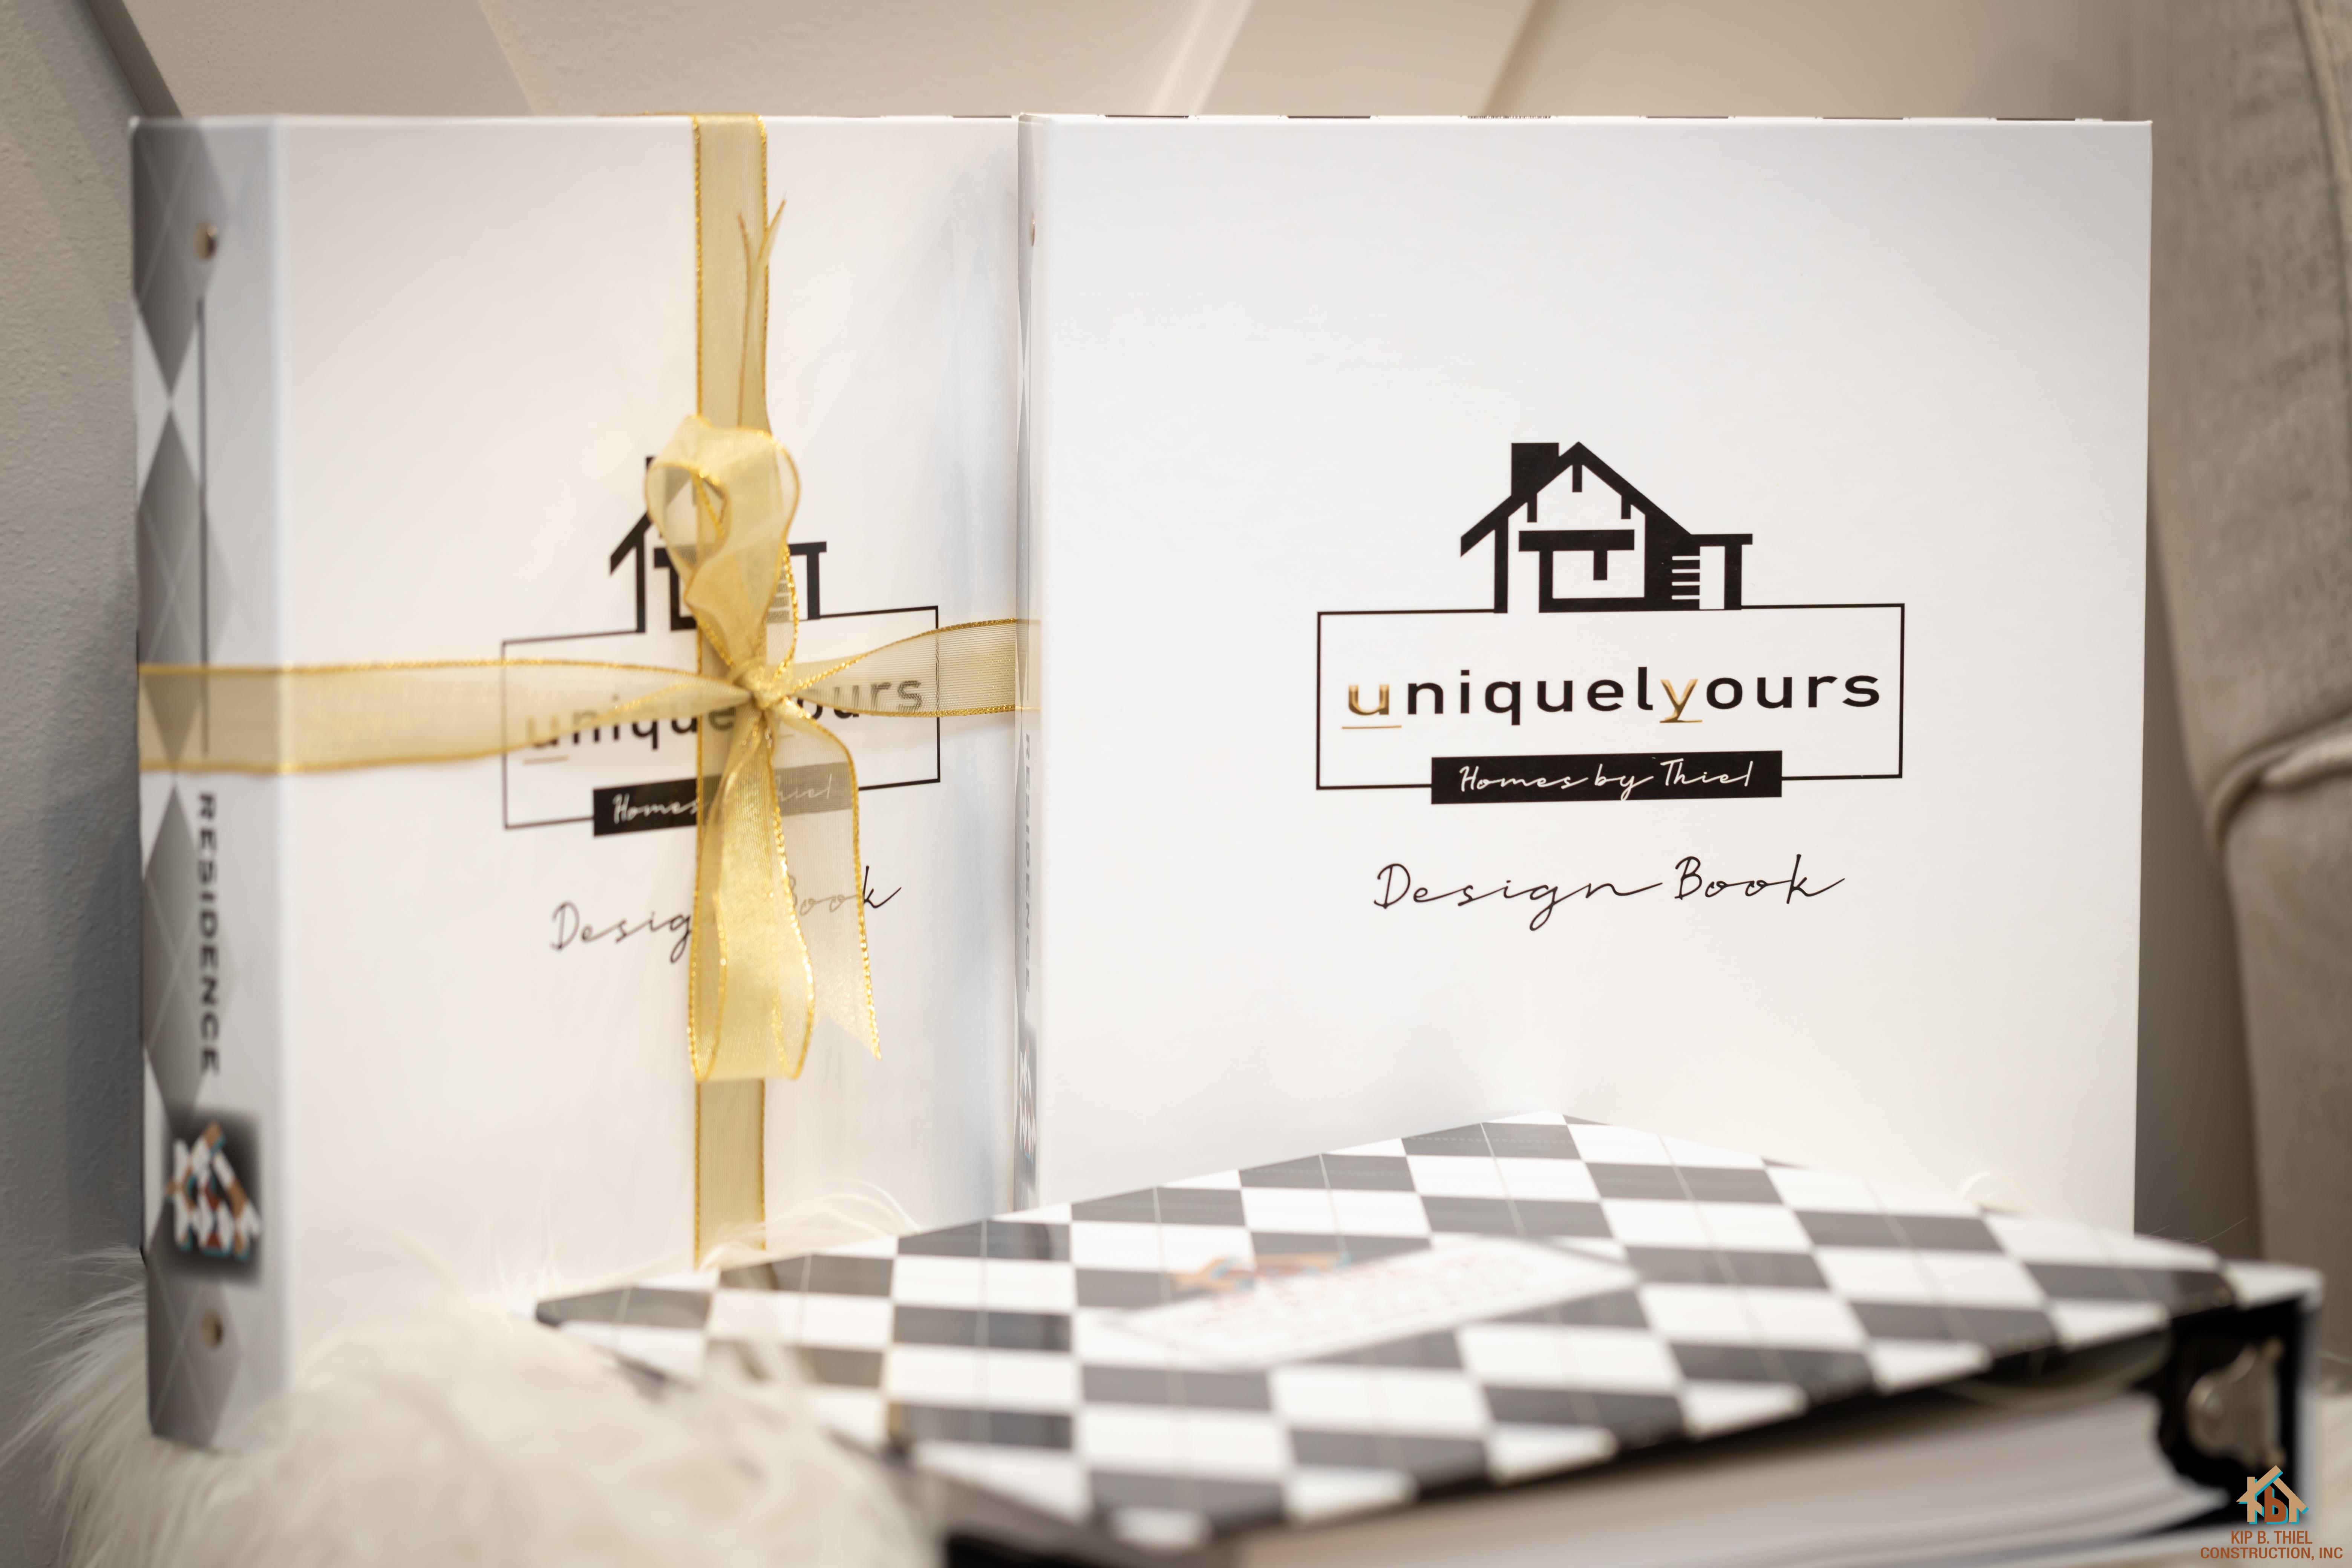 uniquelyours Design Book